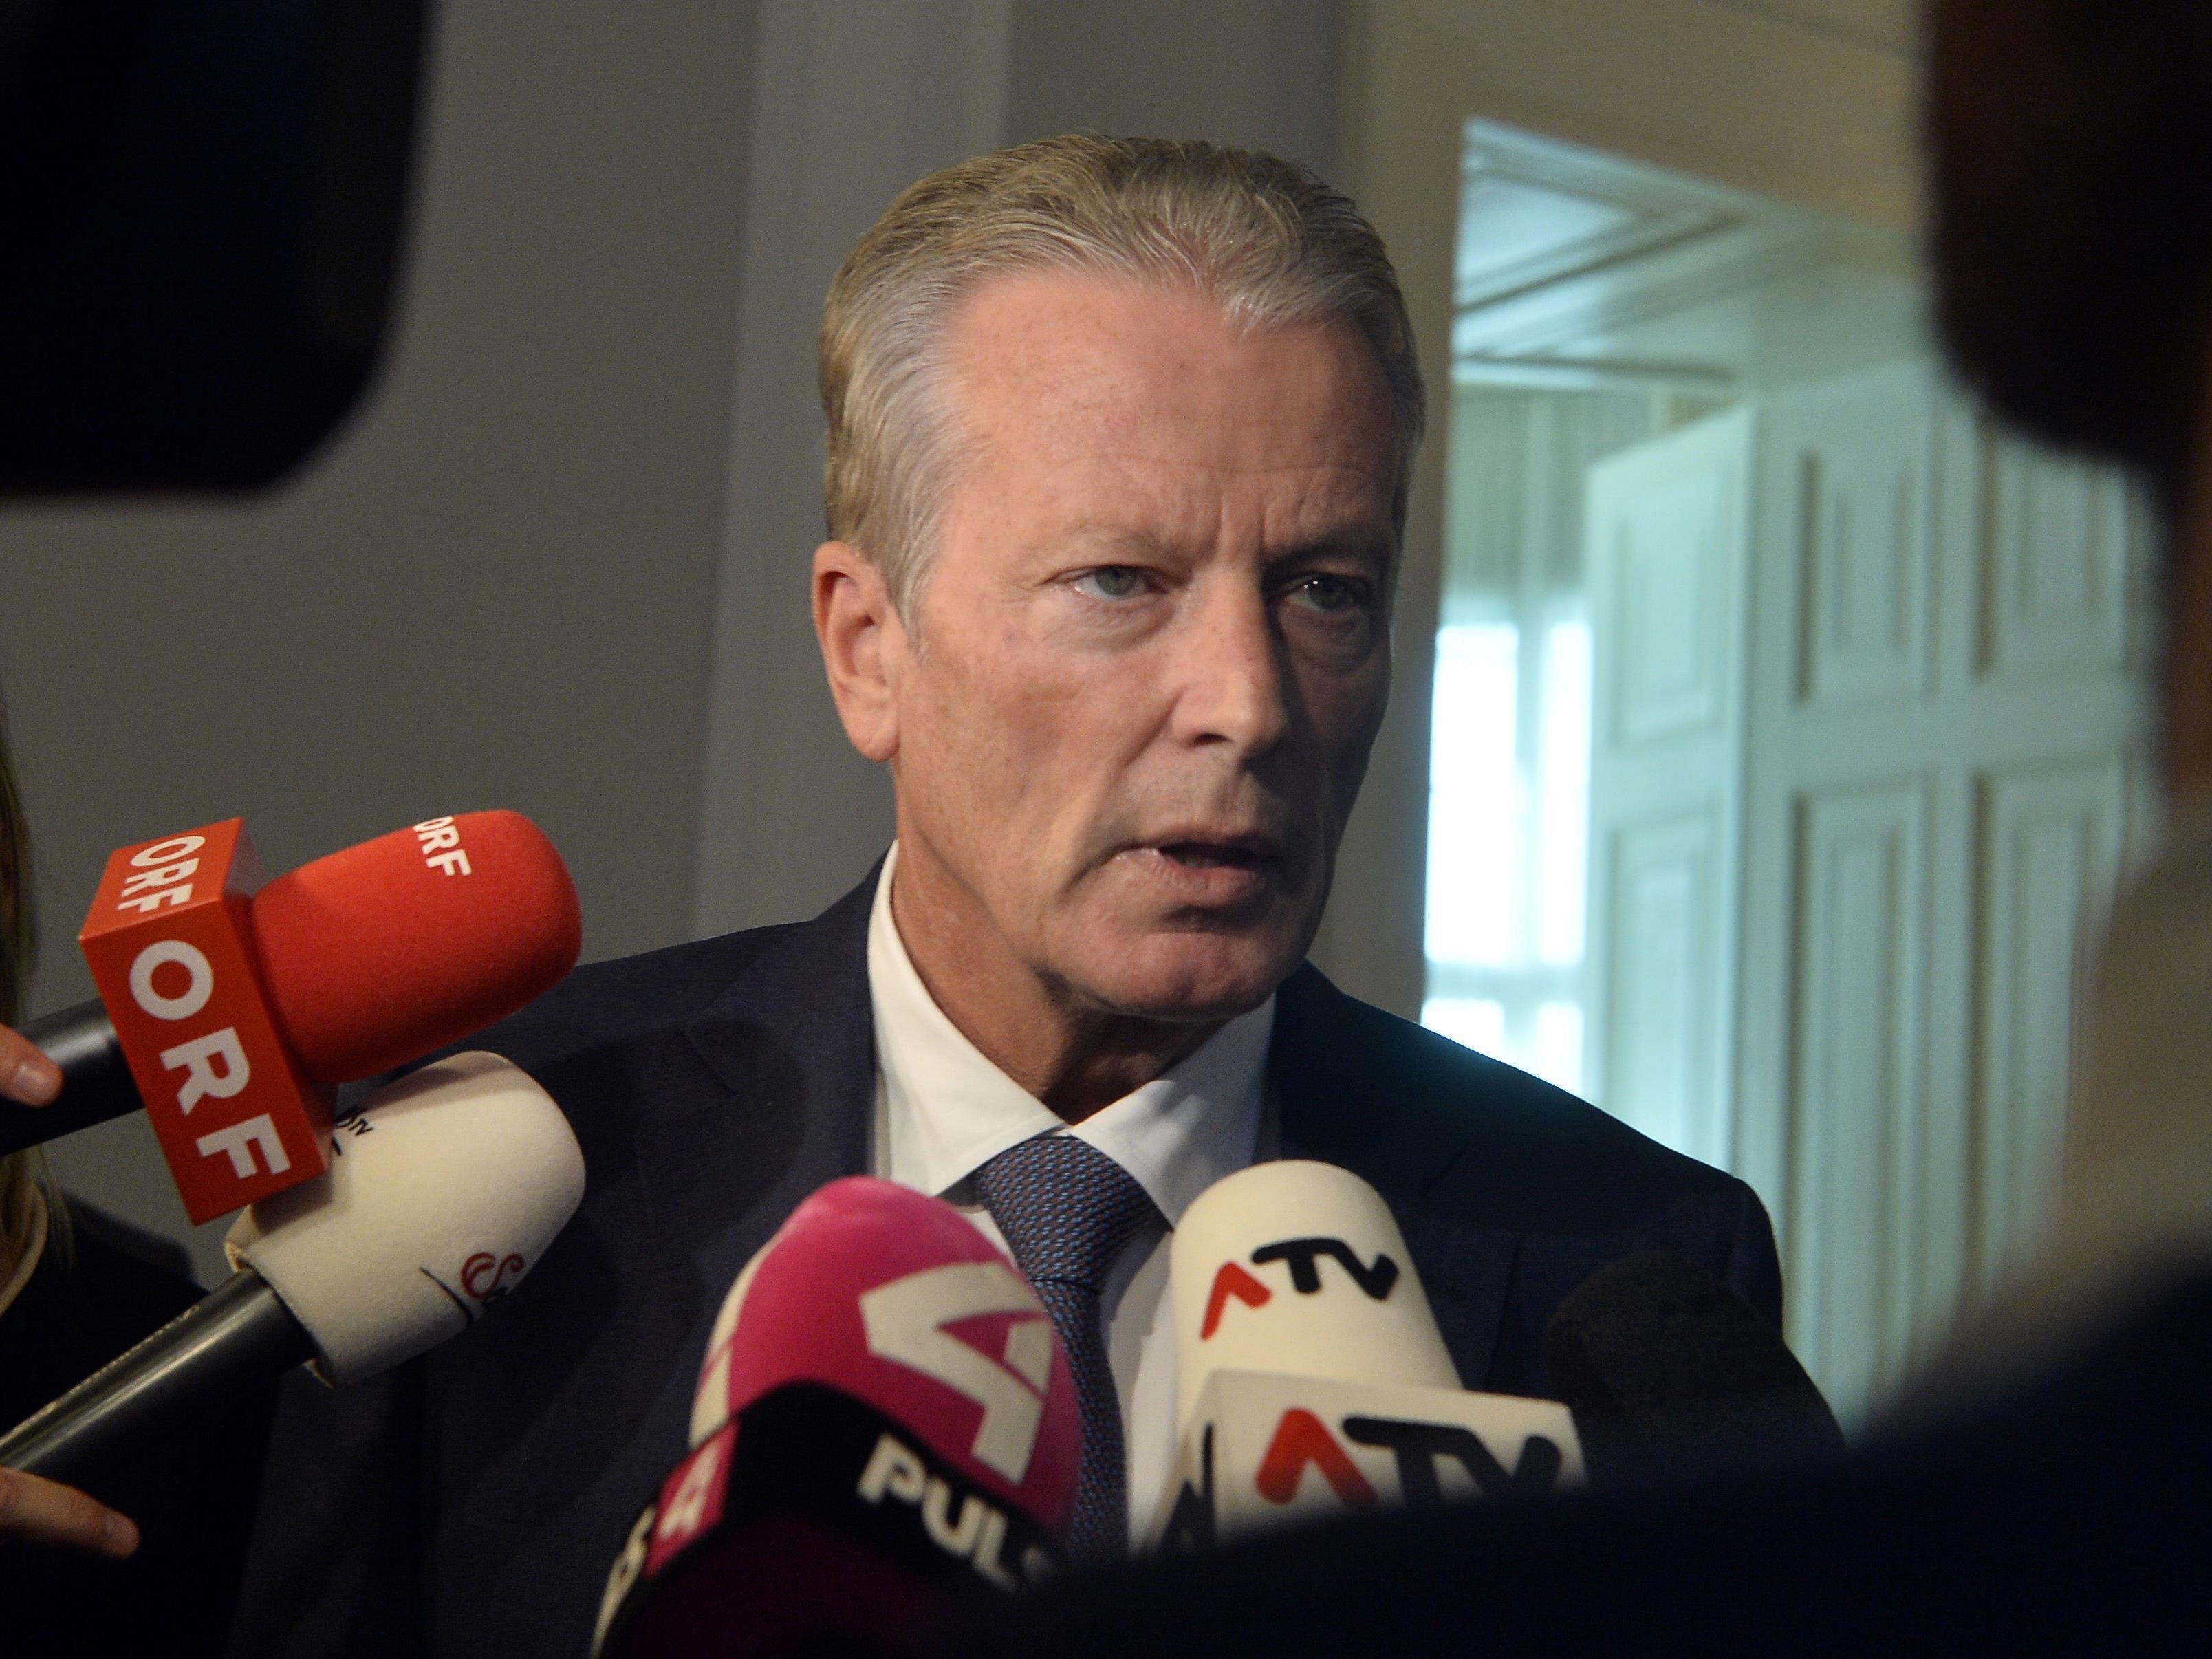 """Mitterlehner: """"FPÖ versucht, Keil in die Partei zu treiben"""""""